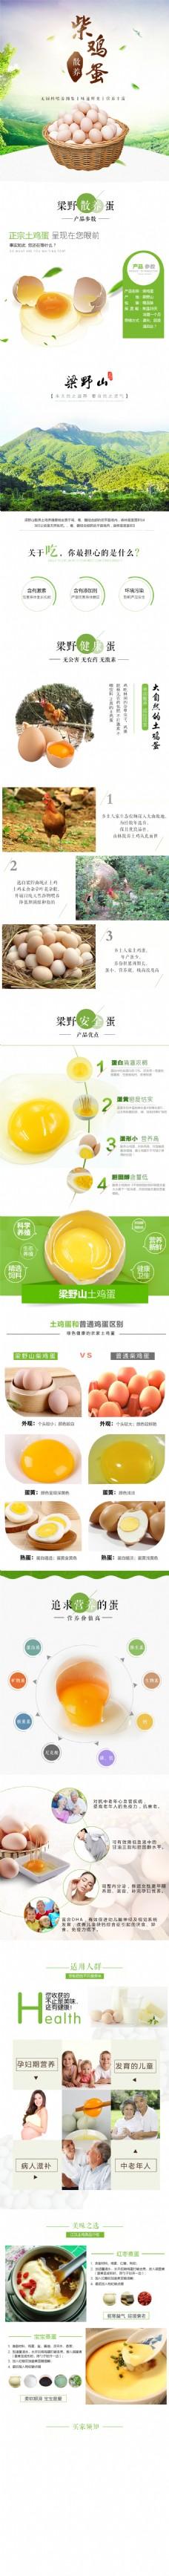 淘宝天猫绿色食品健康农家土鸡蛋详情页模板